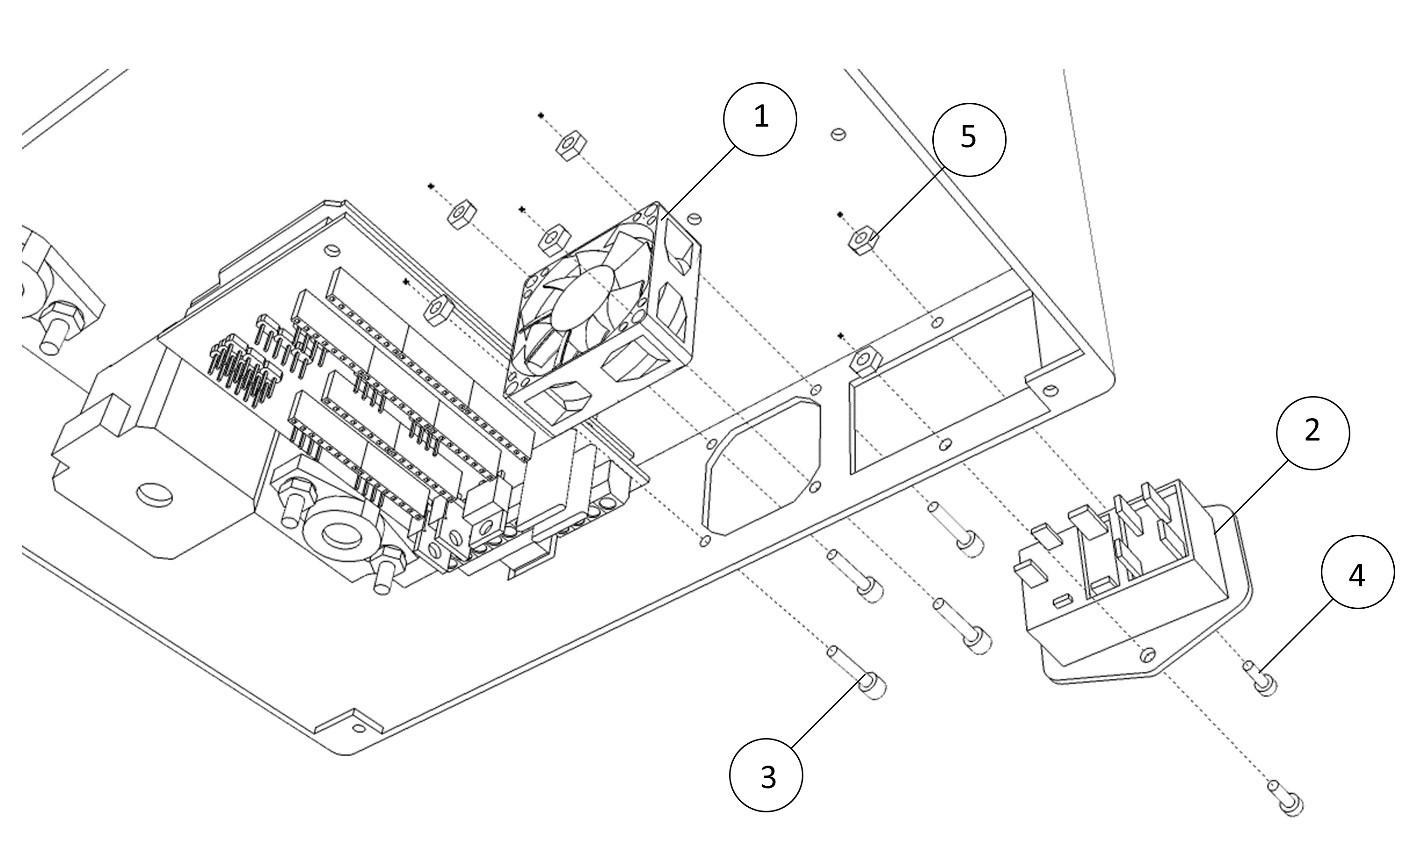 Инструкция по сборке 3D принтера Prism Uni(часть 2-электрика) - 1